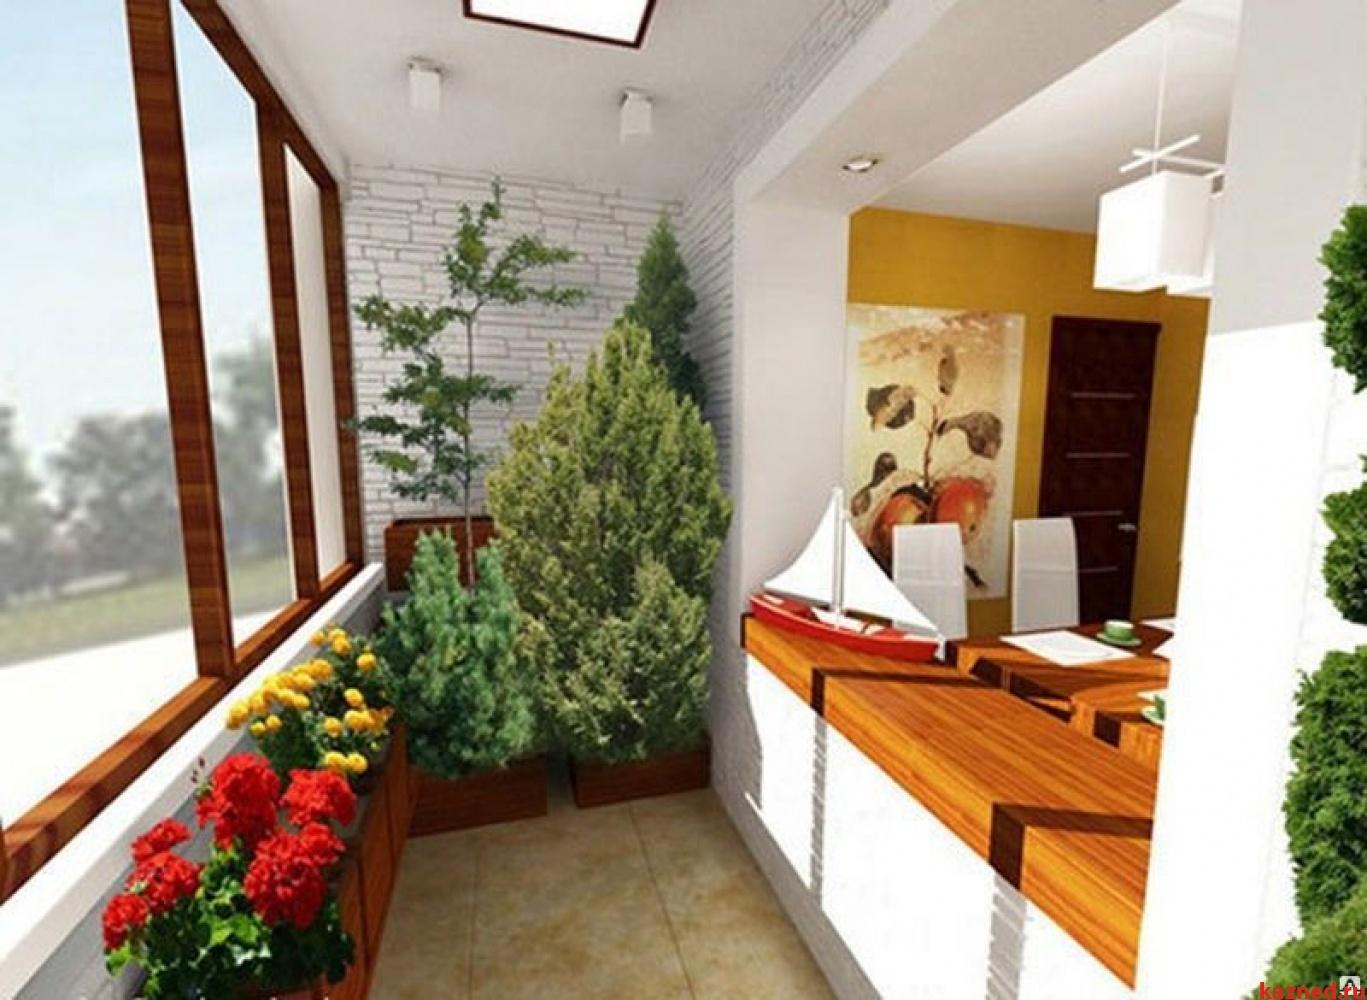 Дизайн кухни совместно с балконом дизайн кухни - фото, описа.